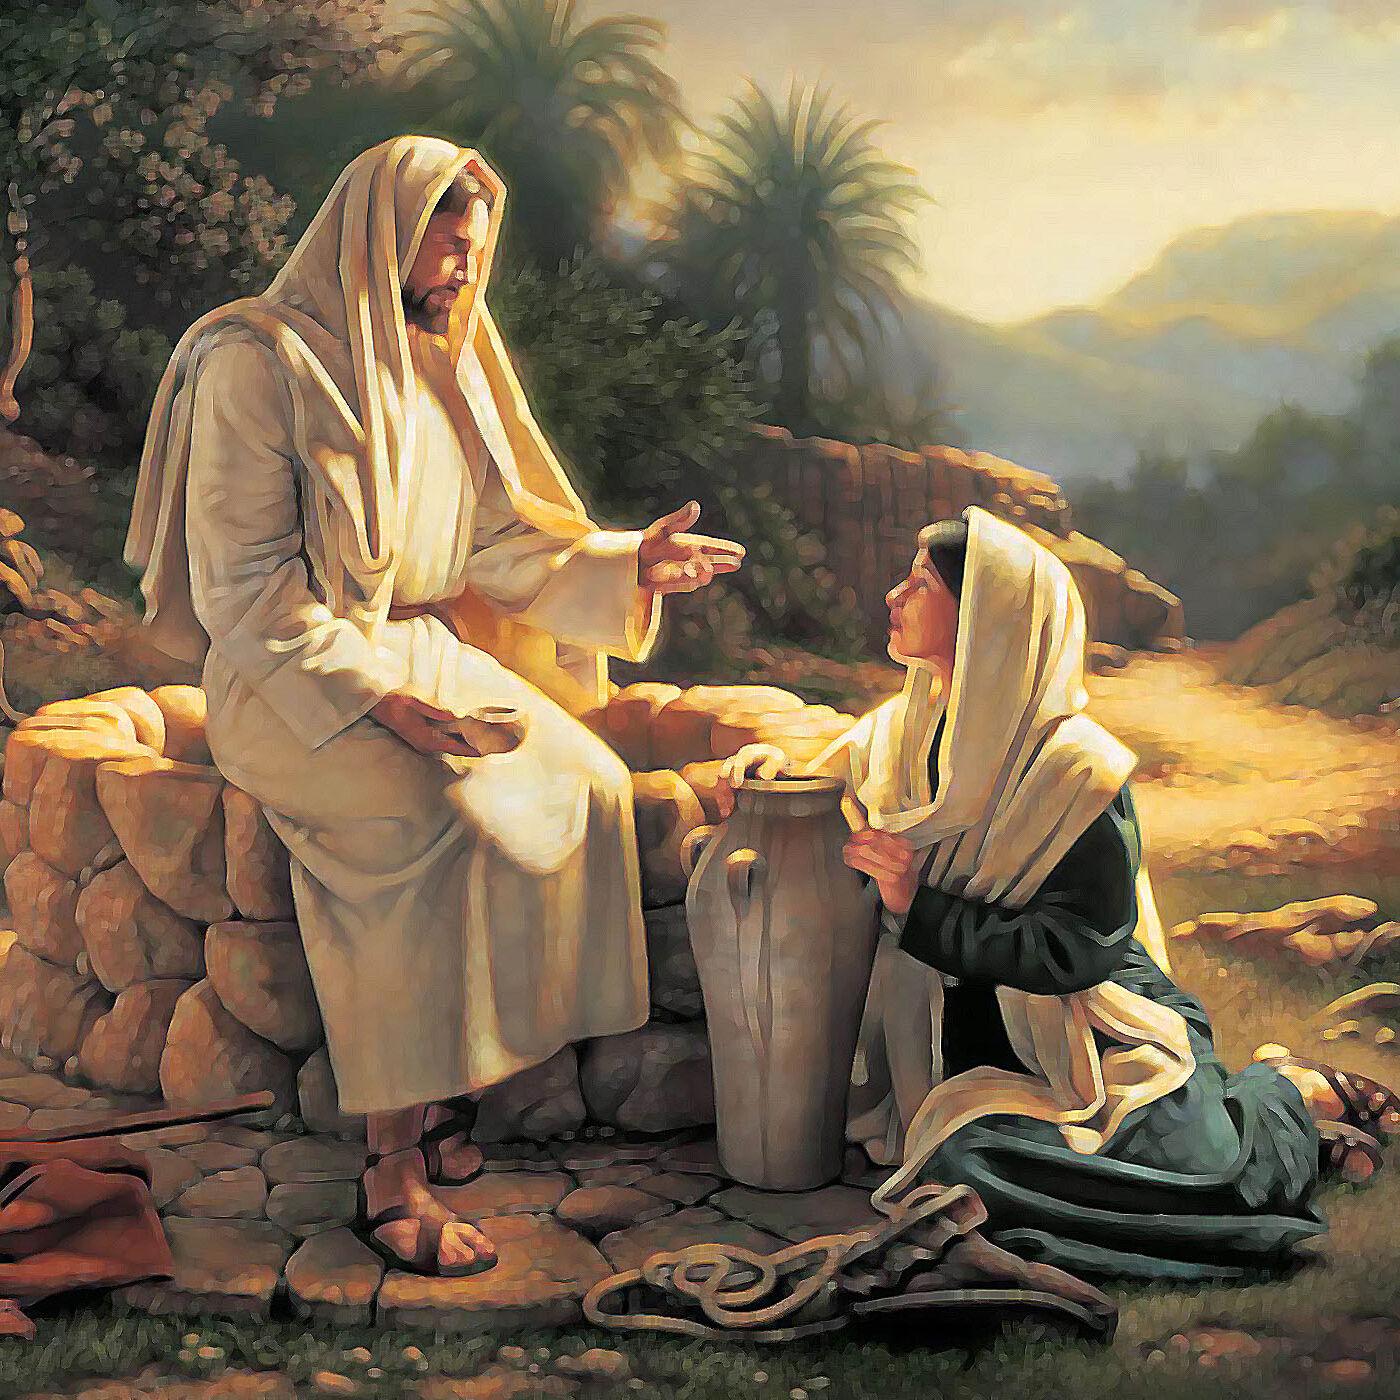 riflessioni sul Vangelo di Lunedì 16 Novembre 2020 (Lc 18, 35-43) - Apostola Cherise